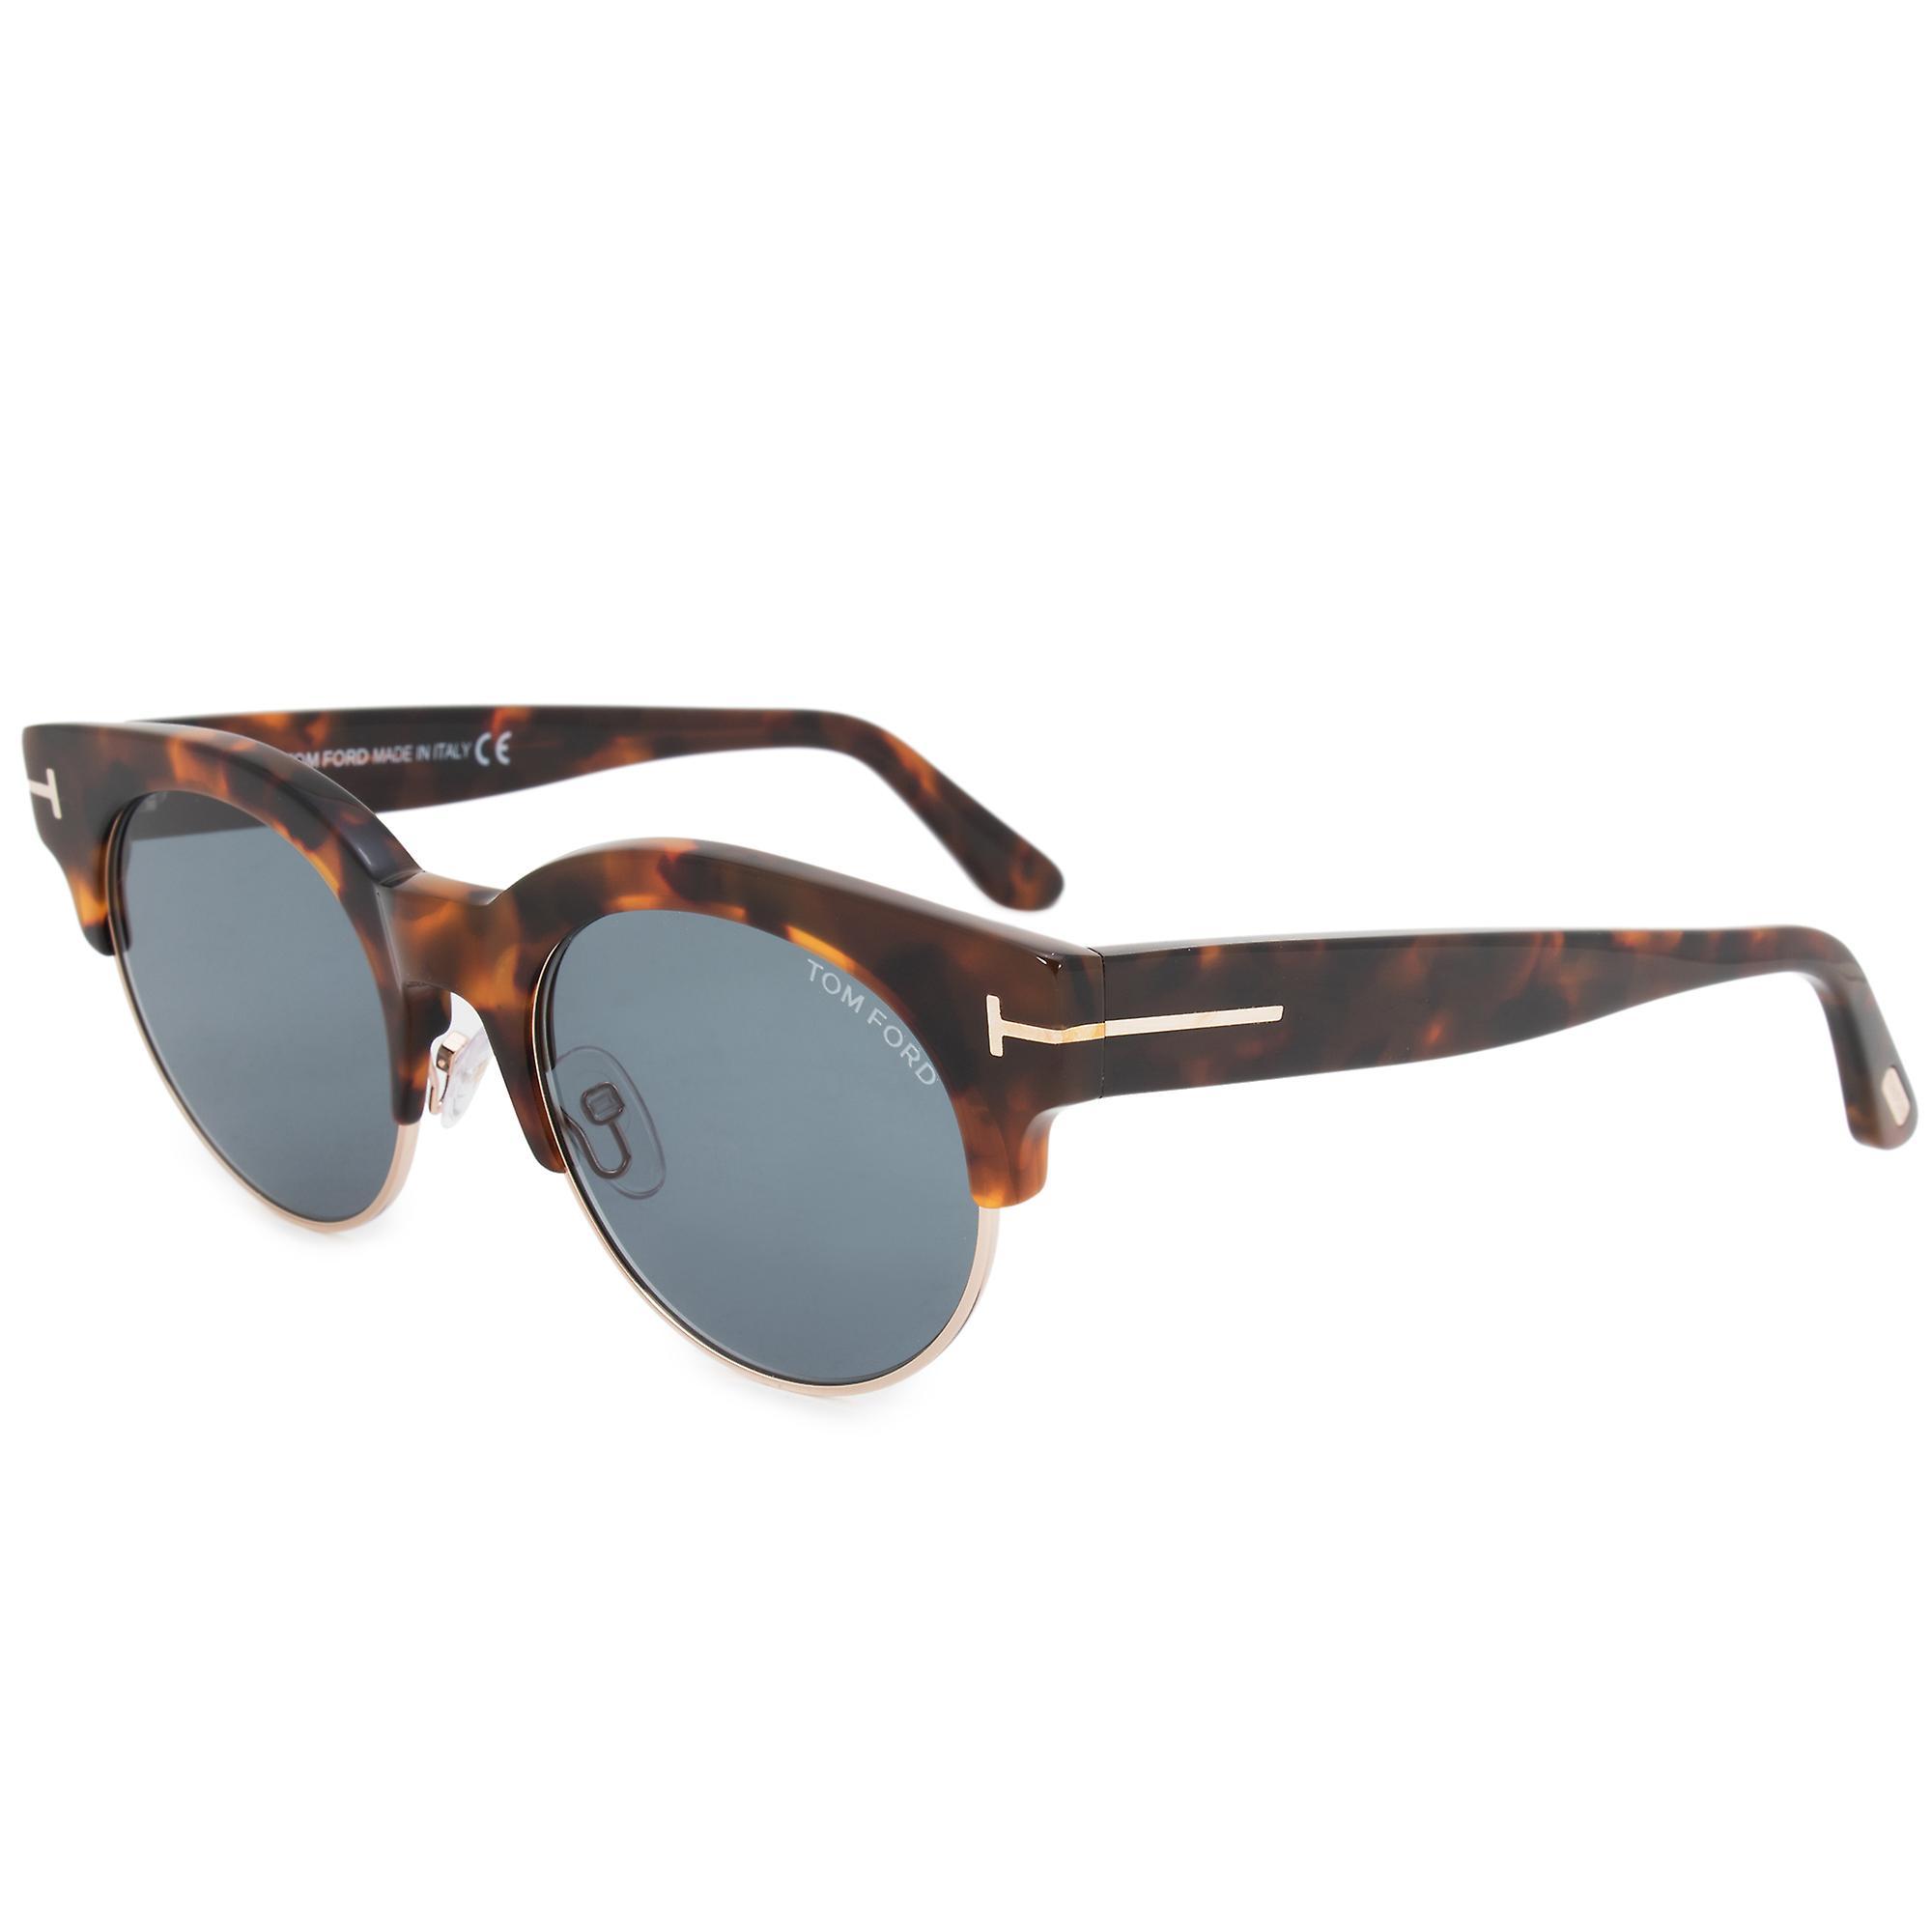 Tom Ford Henri-02 Wayfarer Sunglasses FT0598 55V 50 Polarized